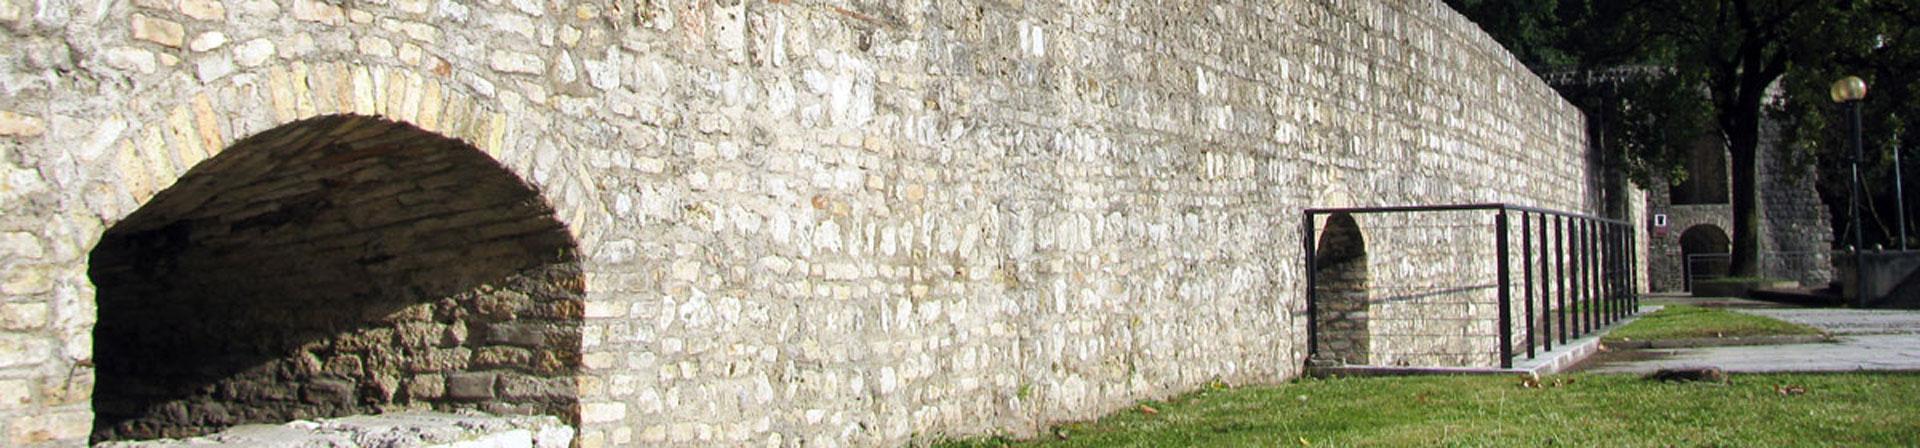 Cosa vedere a Sacile: mura antiche cittadine